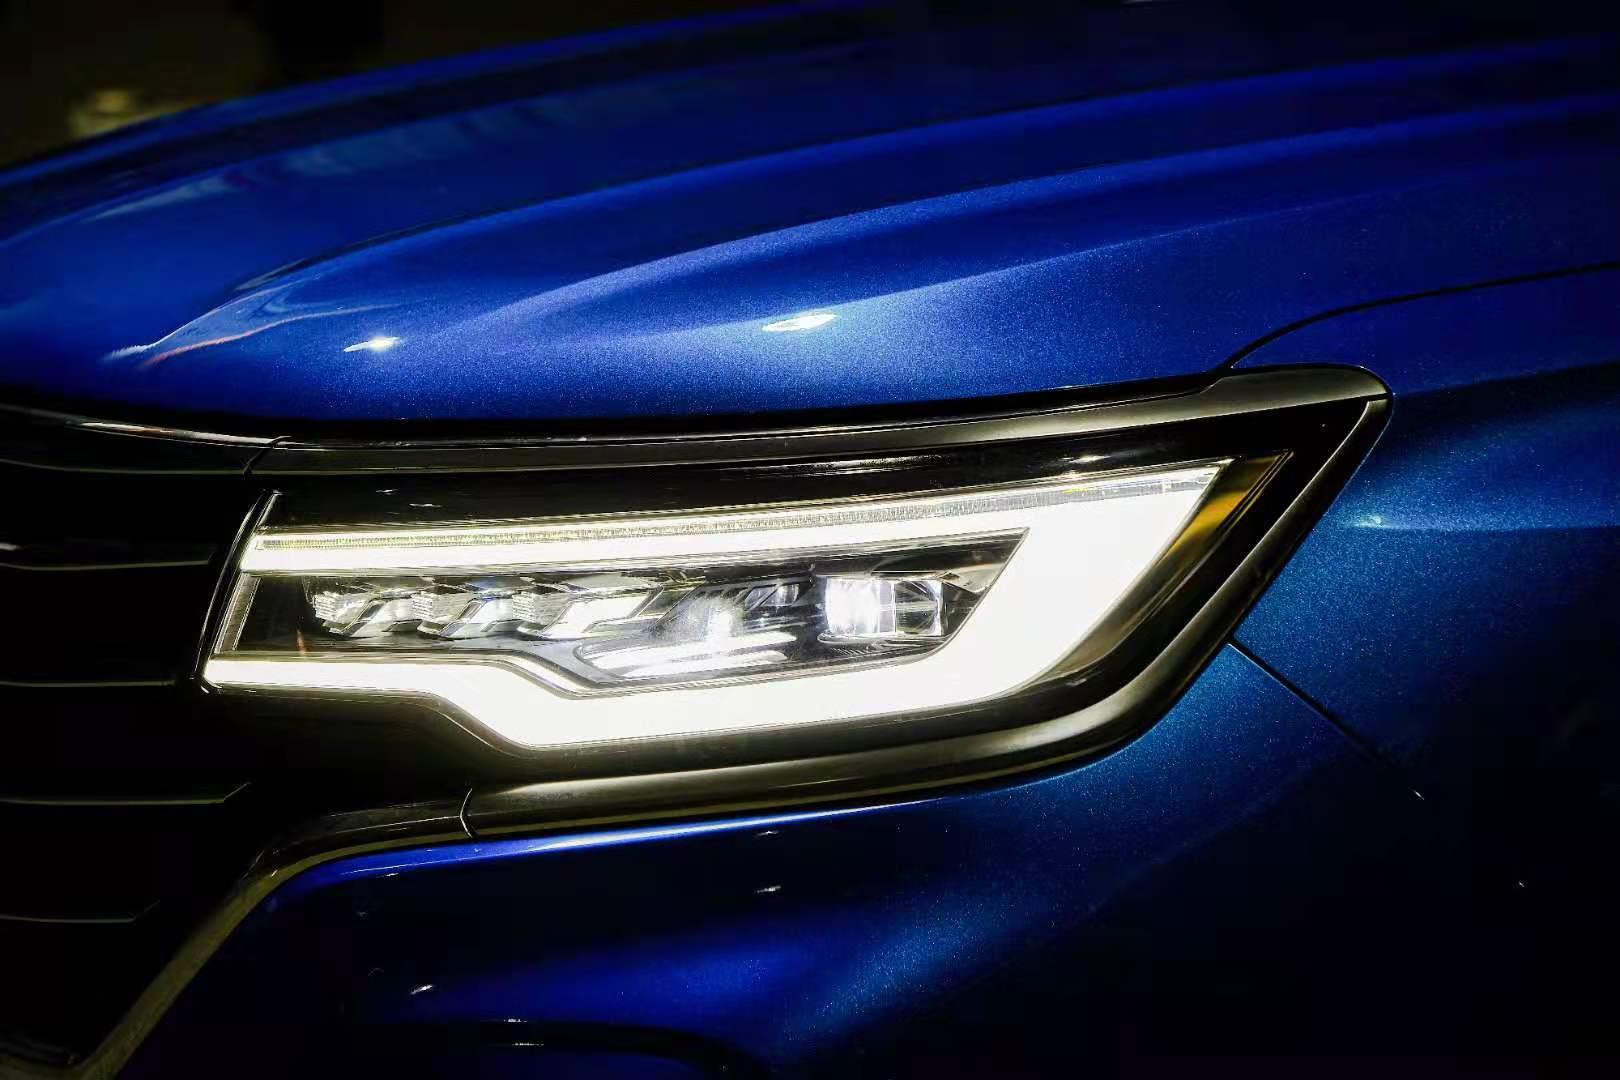 细节比肩国际大厂,从RX5 MAX灯光看荣威对工艺的追求